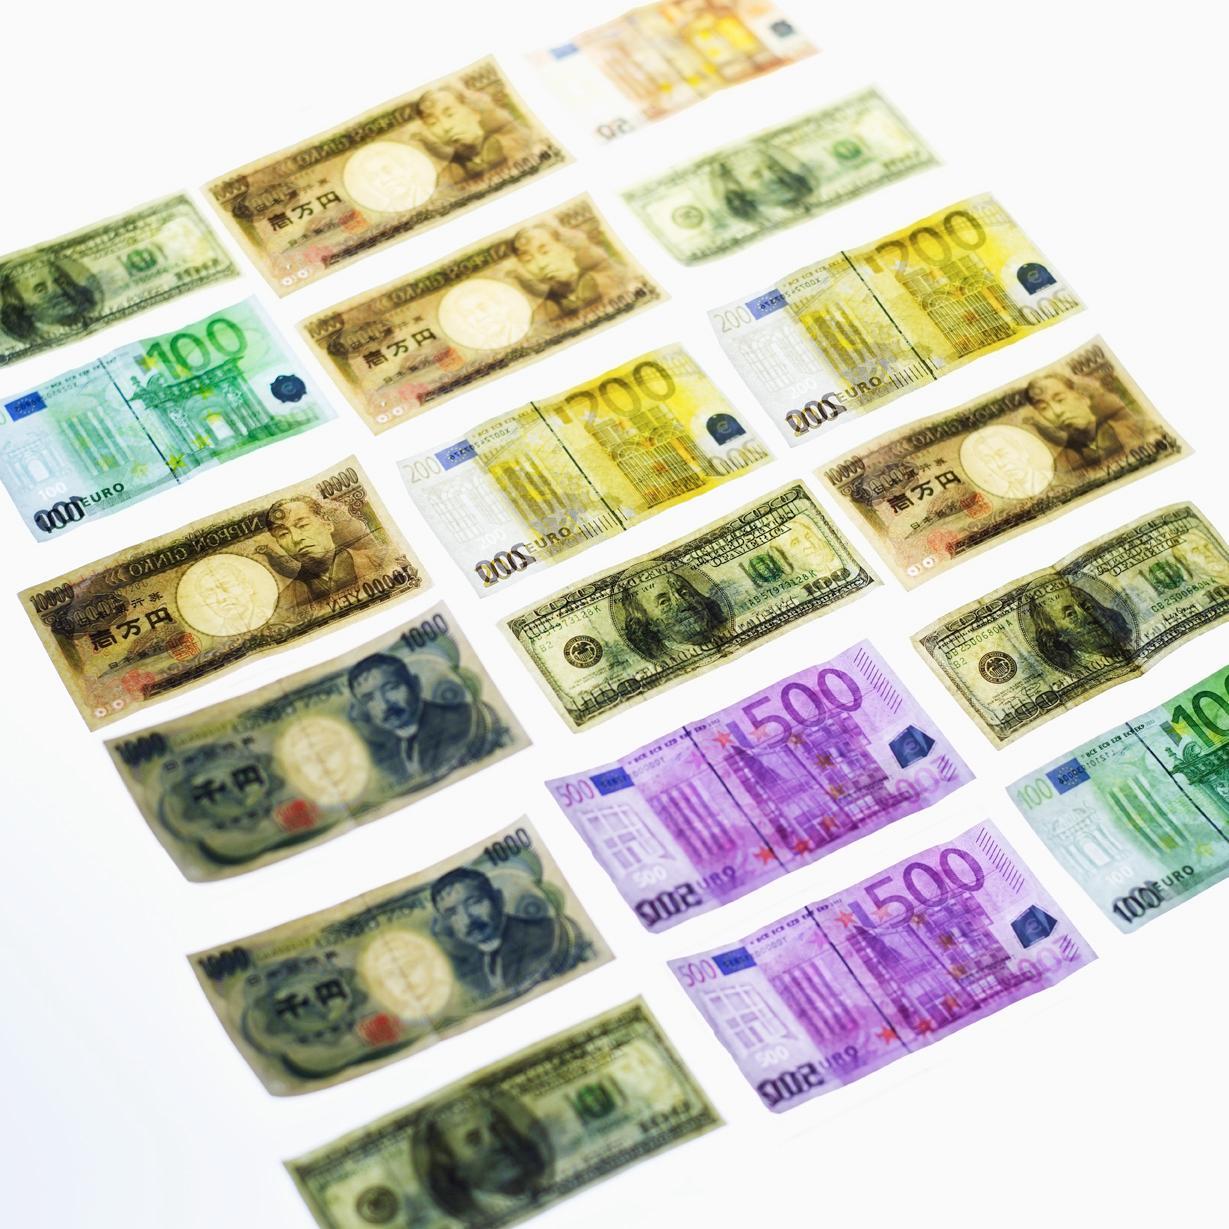 Echt geld of nep geld de verlenging en uitbreiding van het pericles